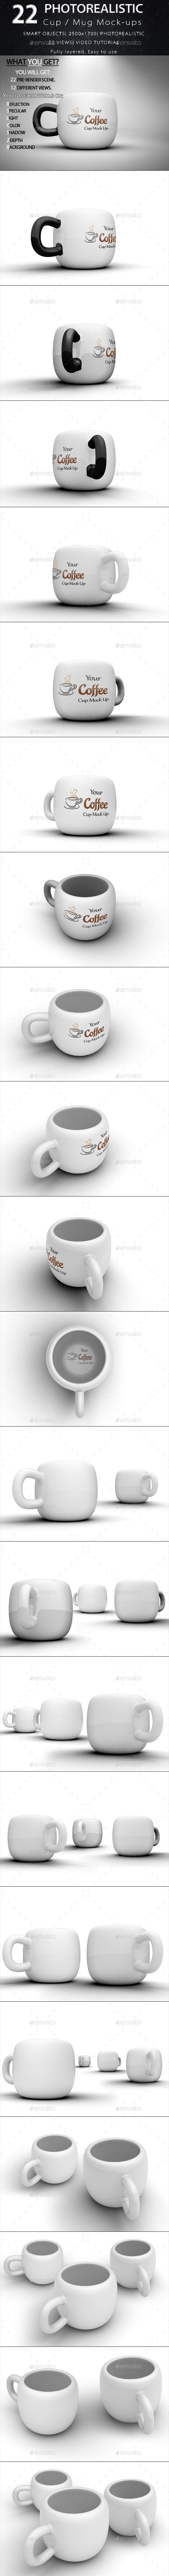 GraphicRiver 22 Cup Mug Mock-ups 10256622